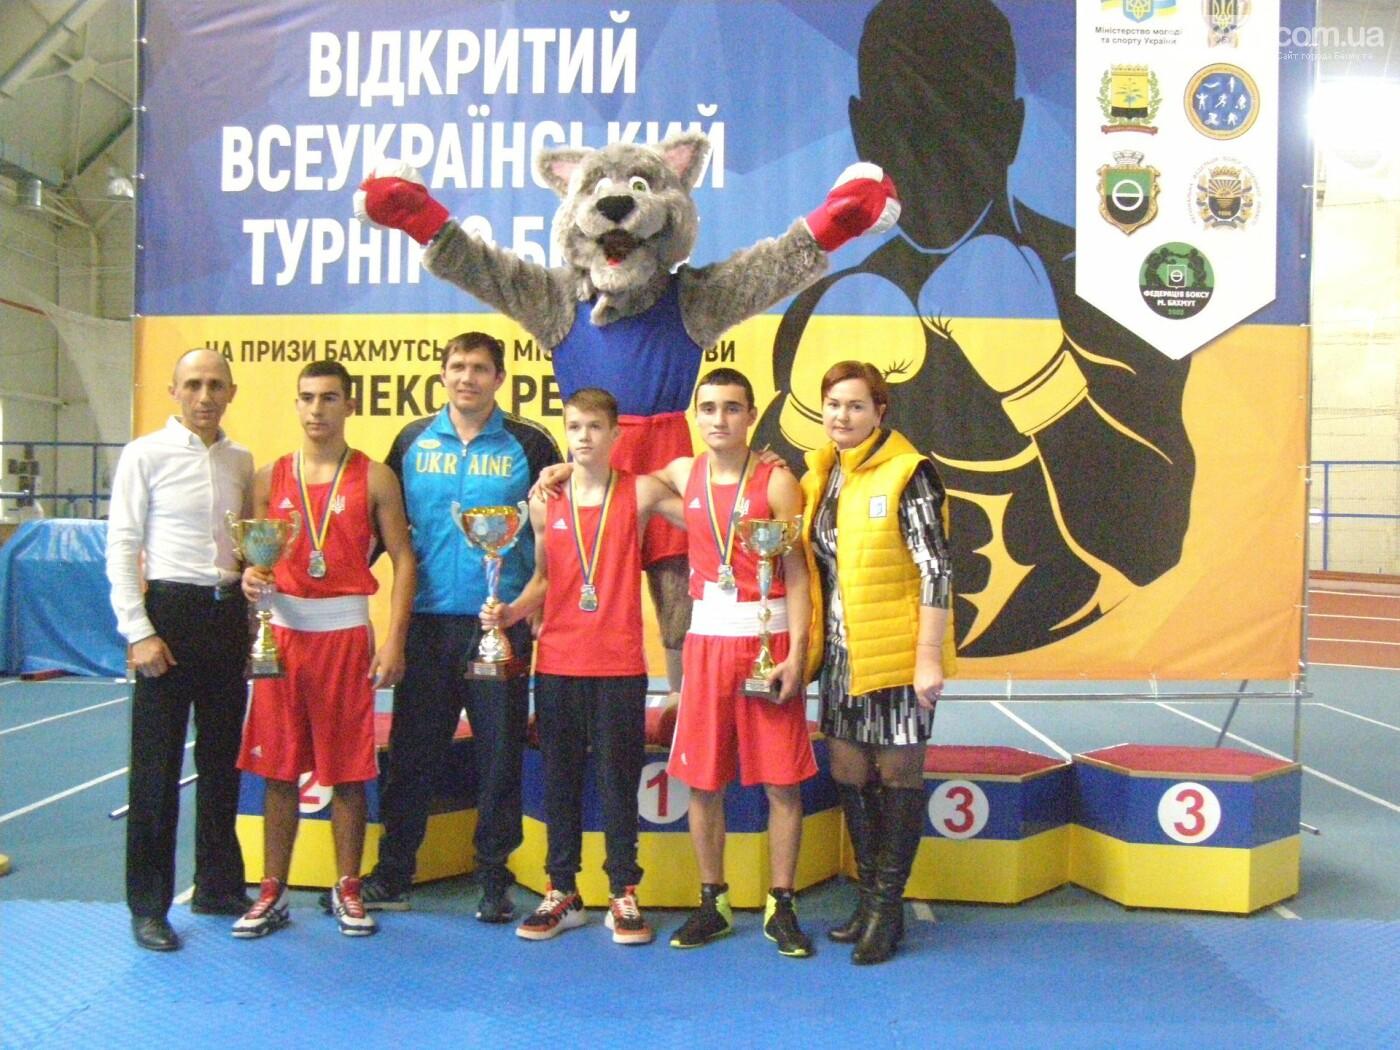 Боксеры Донетчины получили 15 наград всеукраинского турнира среди юниоров в Бахмуте, фото-9